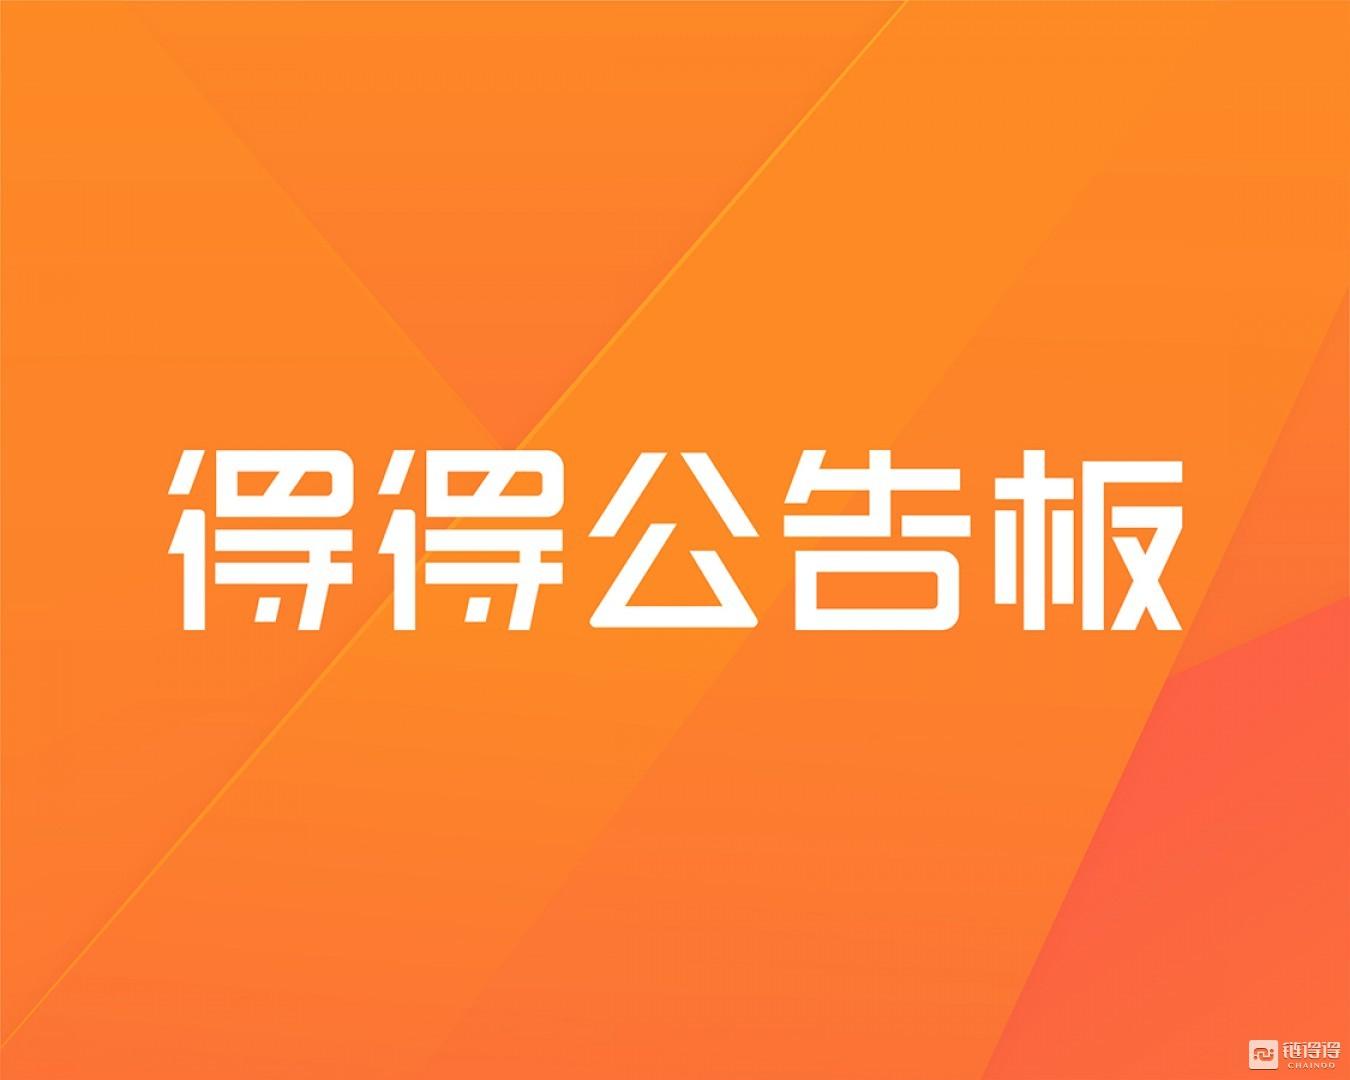 【得得公告板】OKEx现已完成BSV交割合约系统升级|8月12日